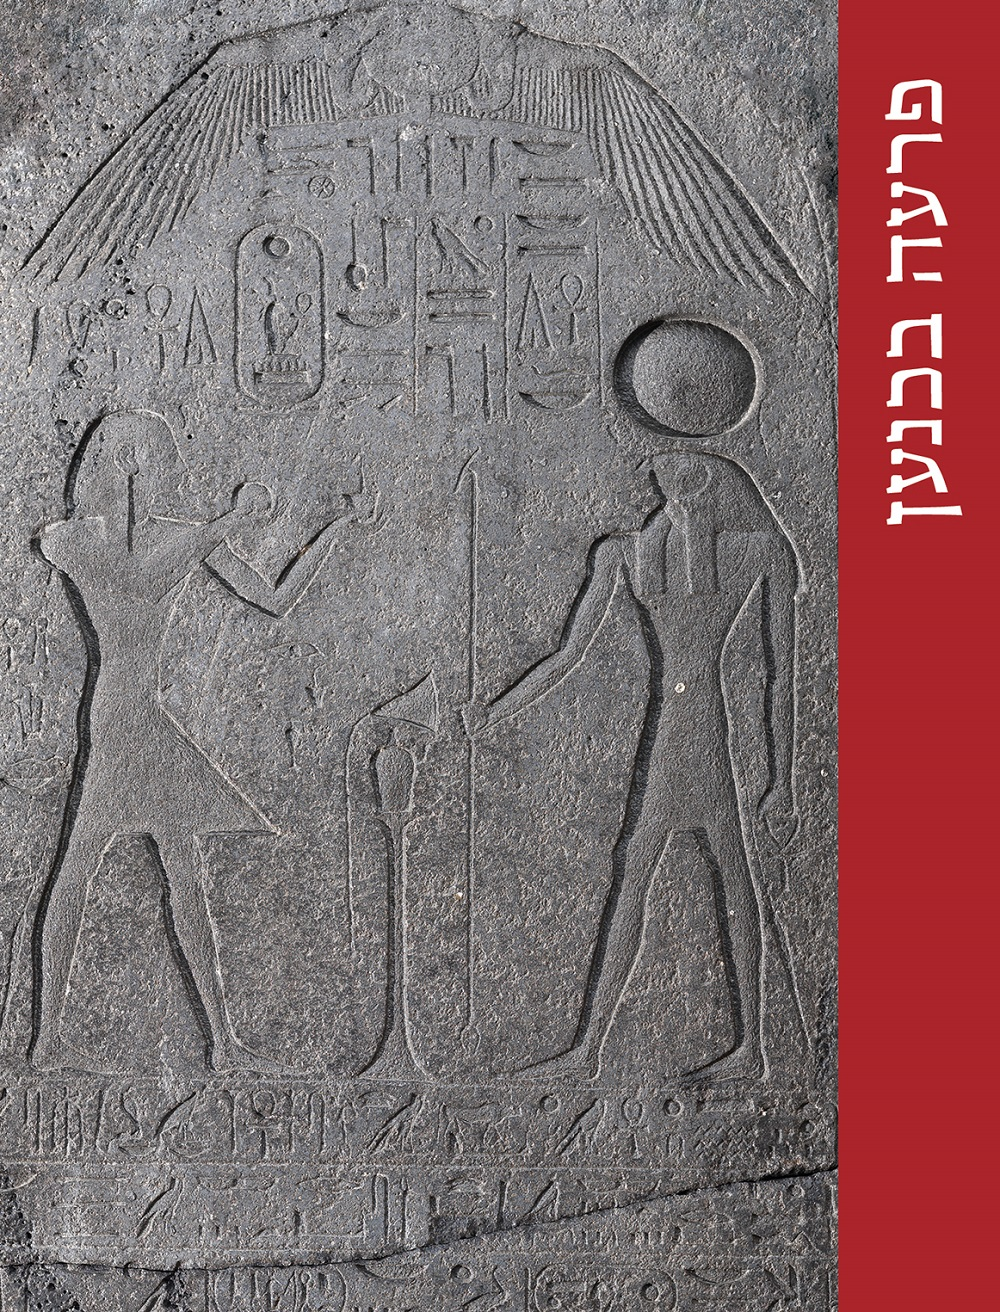 פרעה בכנען: הסיפור שלא סופר